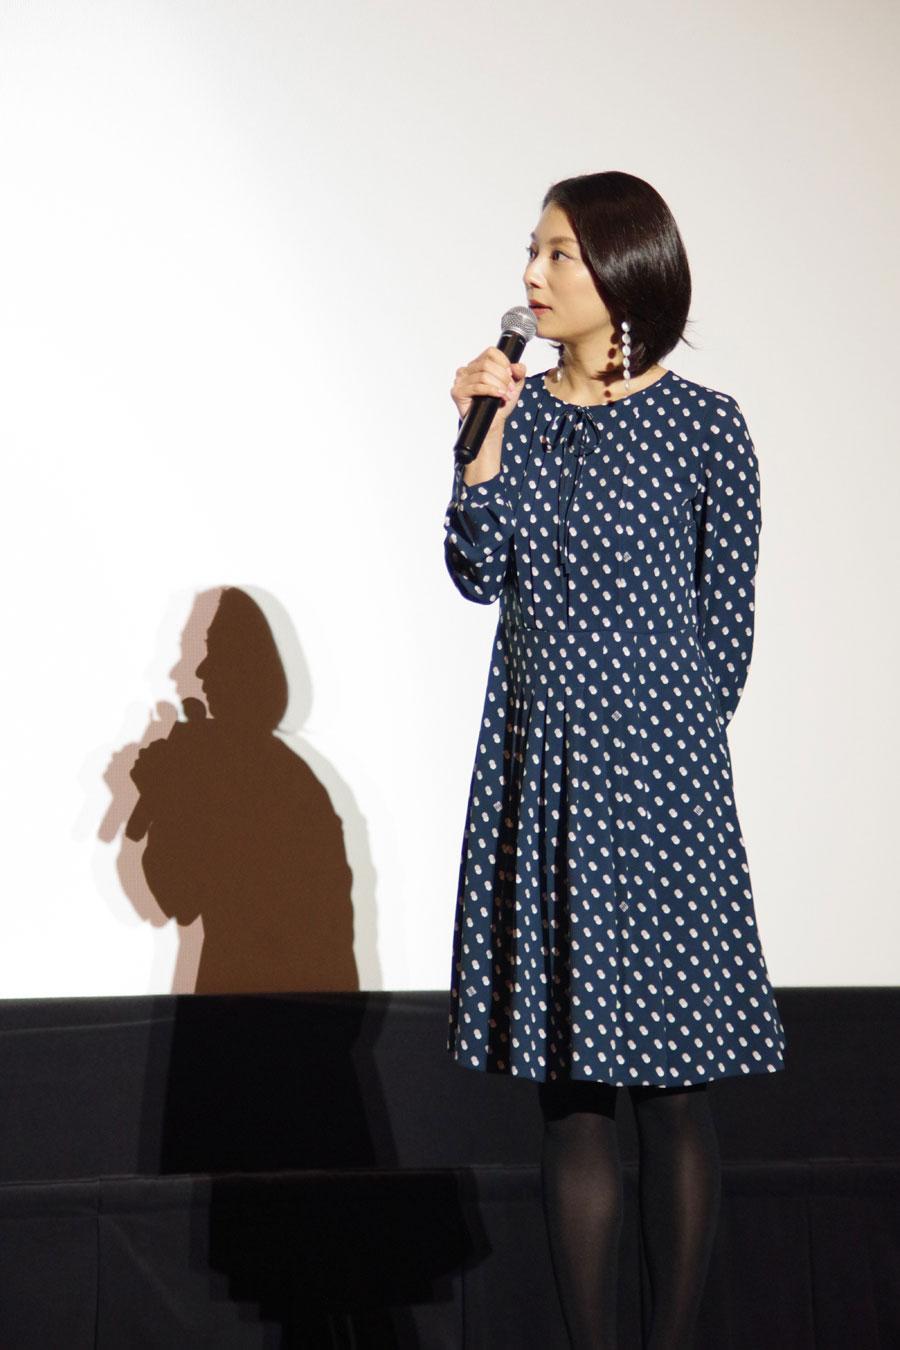 映画版『グッドバイ~嘘からはじまる人生喜劇~』で美貌を隠して我が道を生きるパワフル女・キヌ子を演じる小池栄子(1月29日・大阪市内)